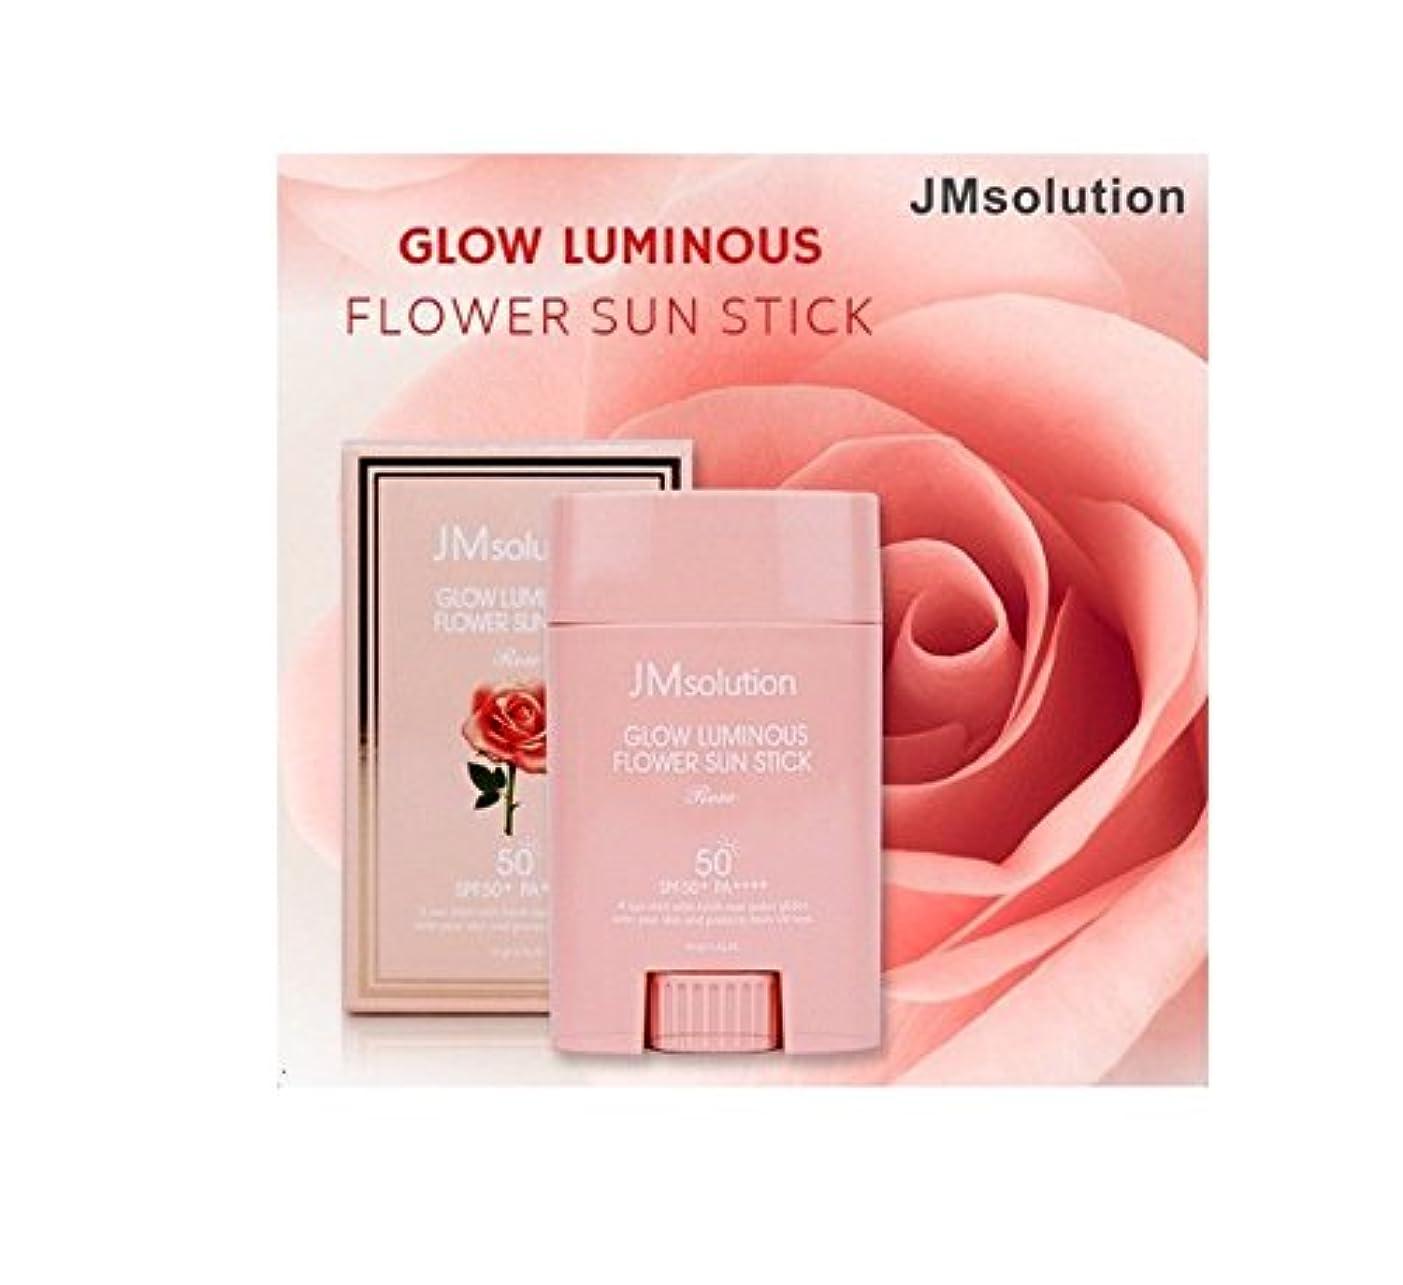 薬を飲む情熱的ブレーキJM Solution Glow Luminous Flower Sun Stick Rose 21g (spf50 PA) 光る輝く花Sun Stick Rose